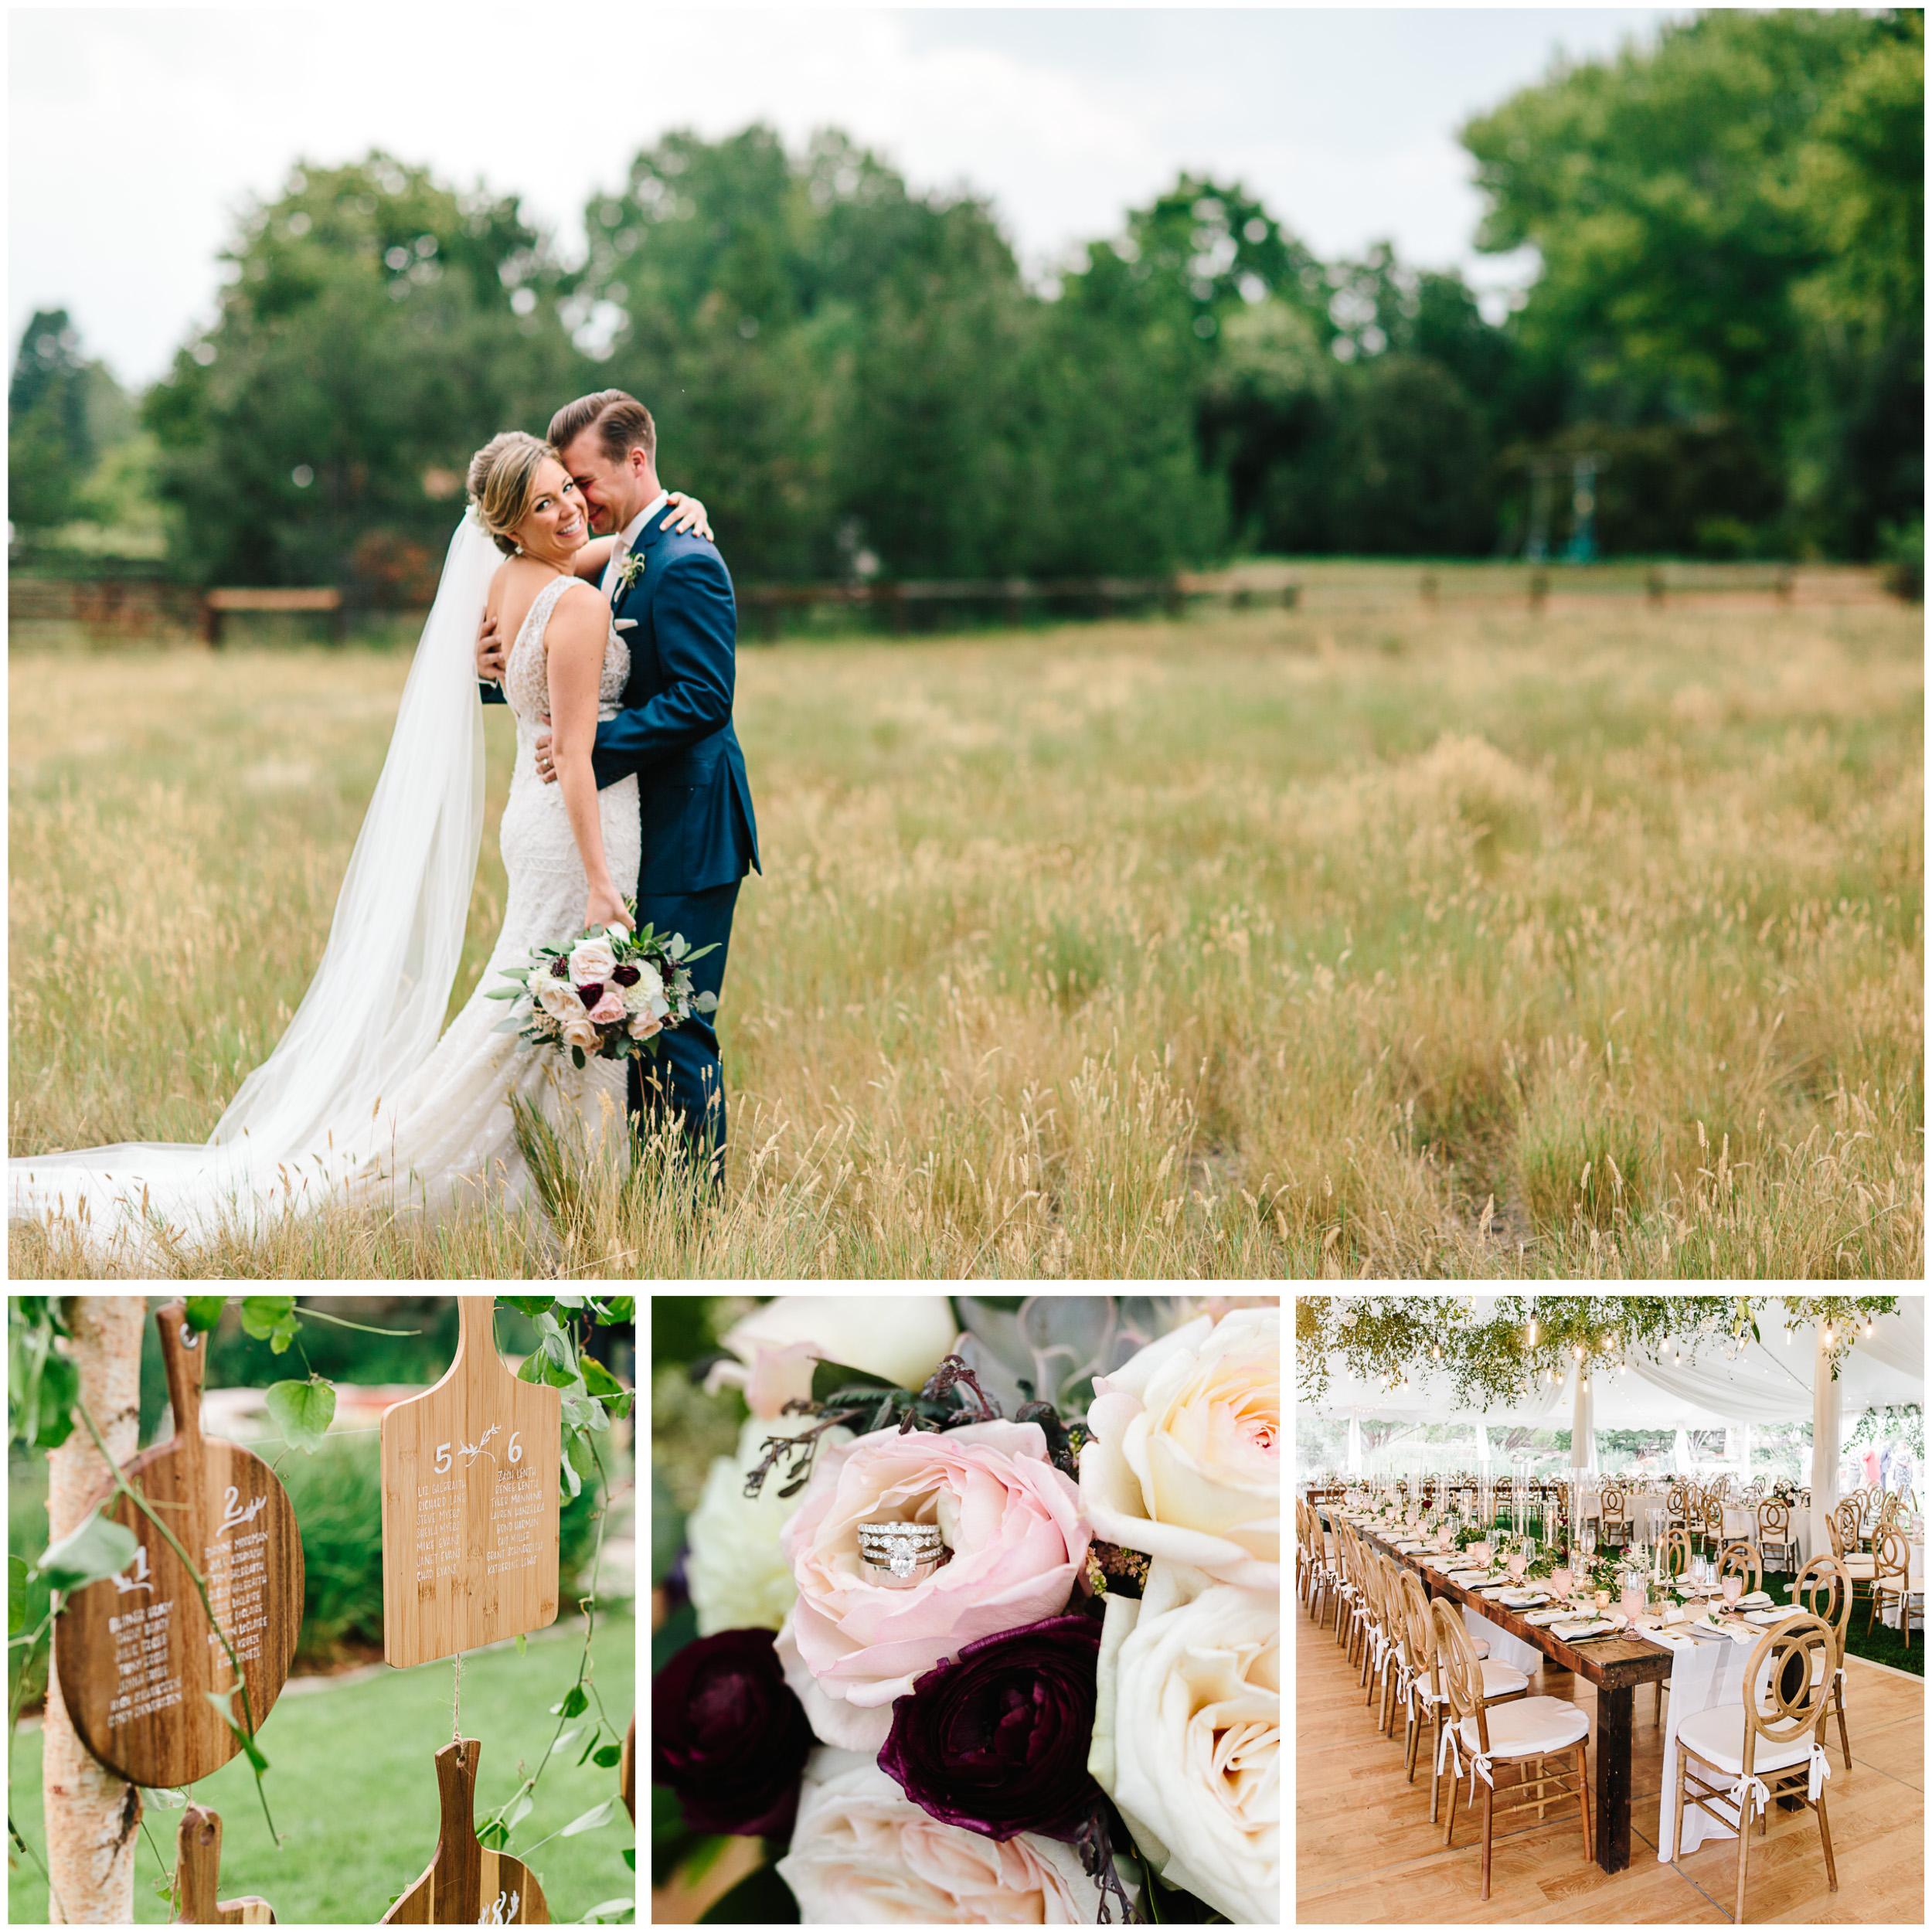 cherry_hills_village_wedding_header_2.jpg